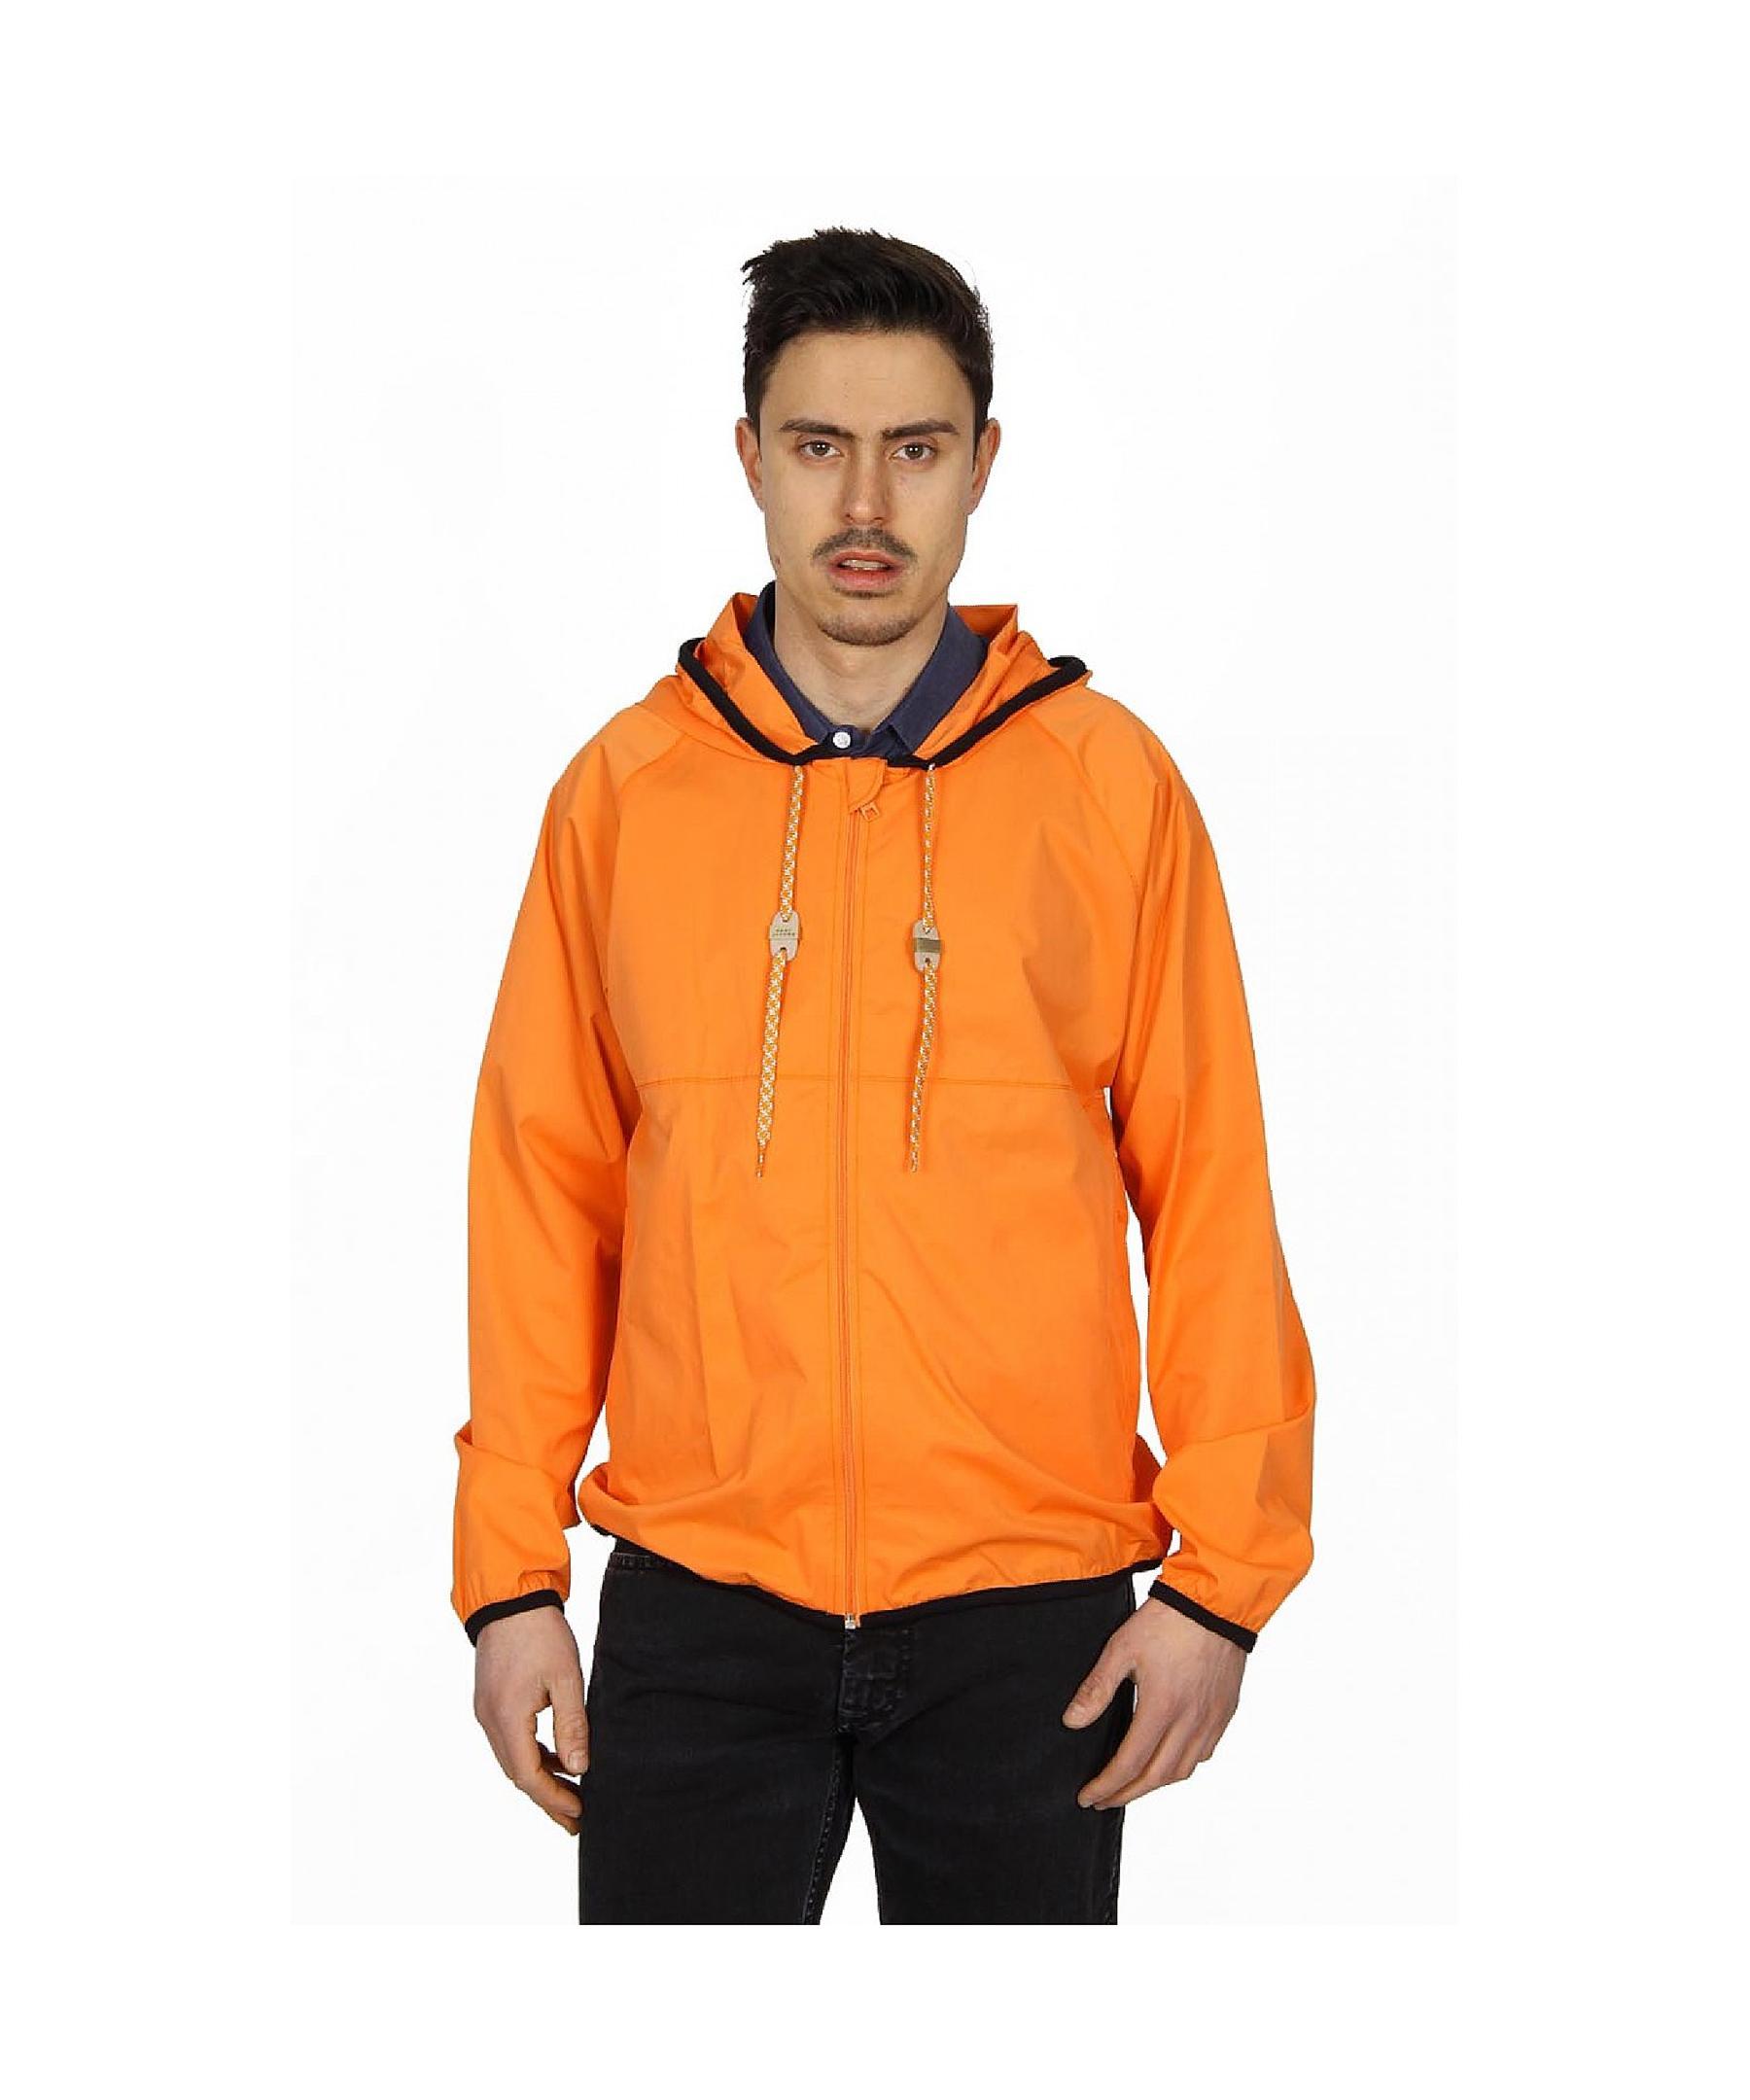 Marc Jacobs Mens Jacket In Orange For Men